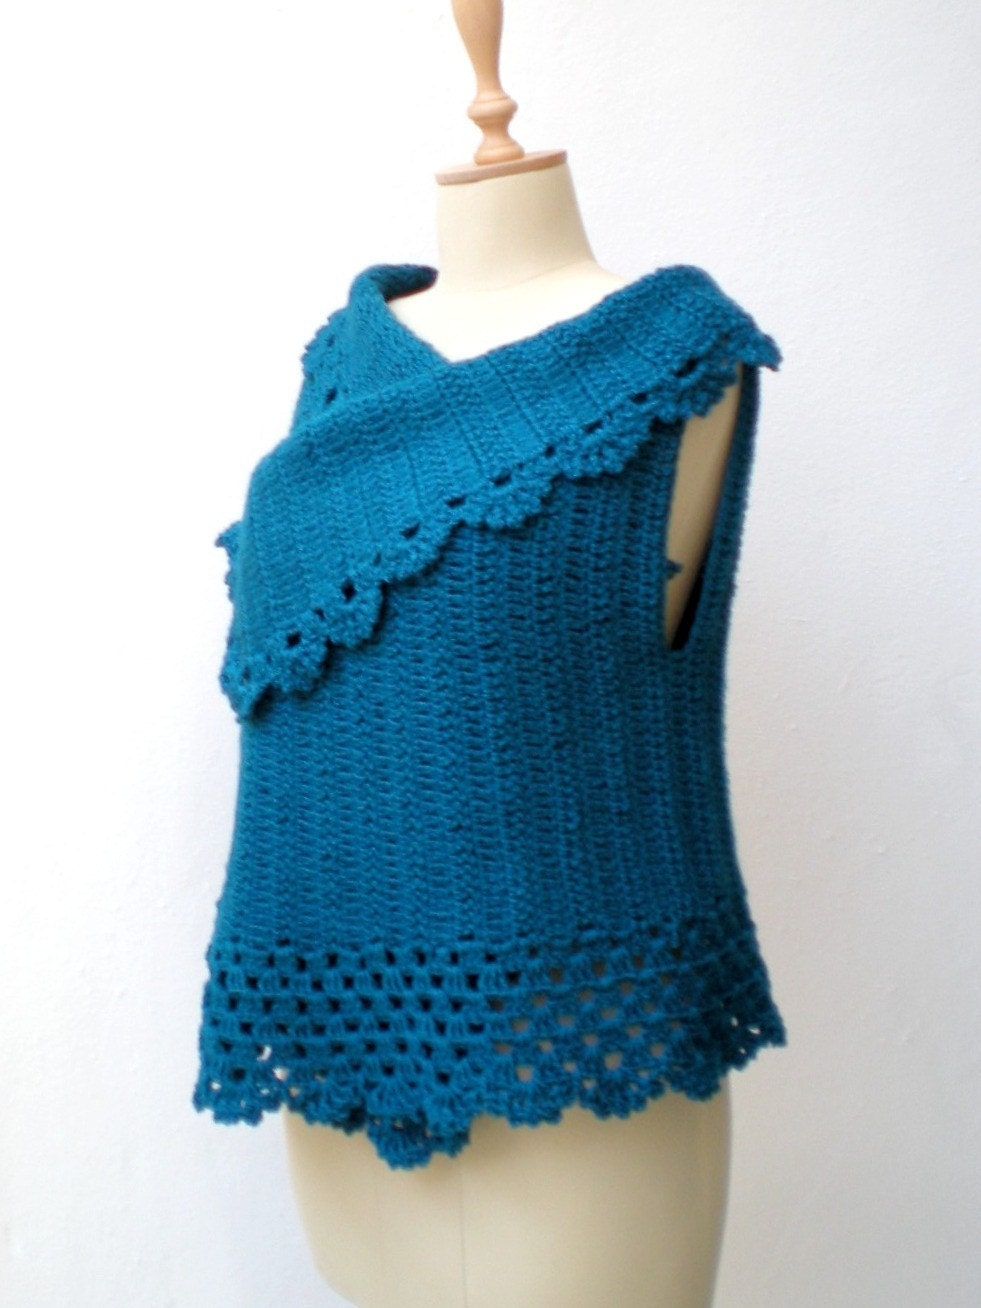 Free Crochet Pattern For Sweater Vest : SWEATER VEST CROCHET PATTERN